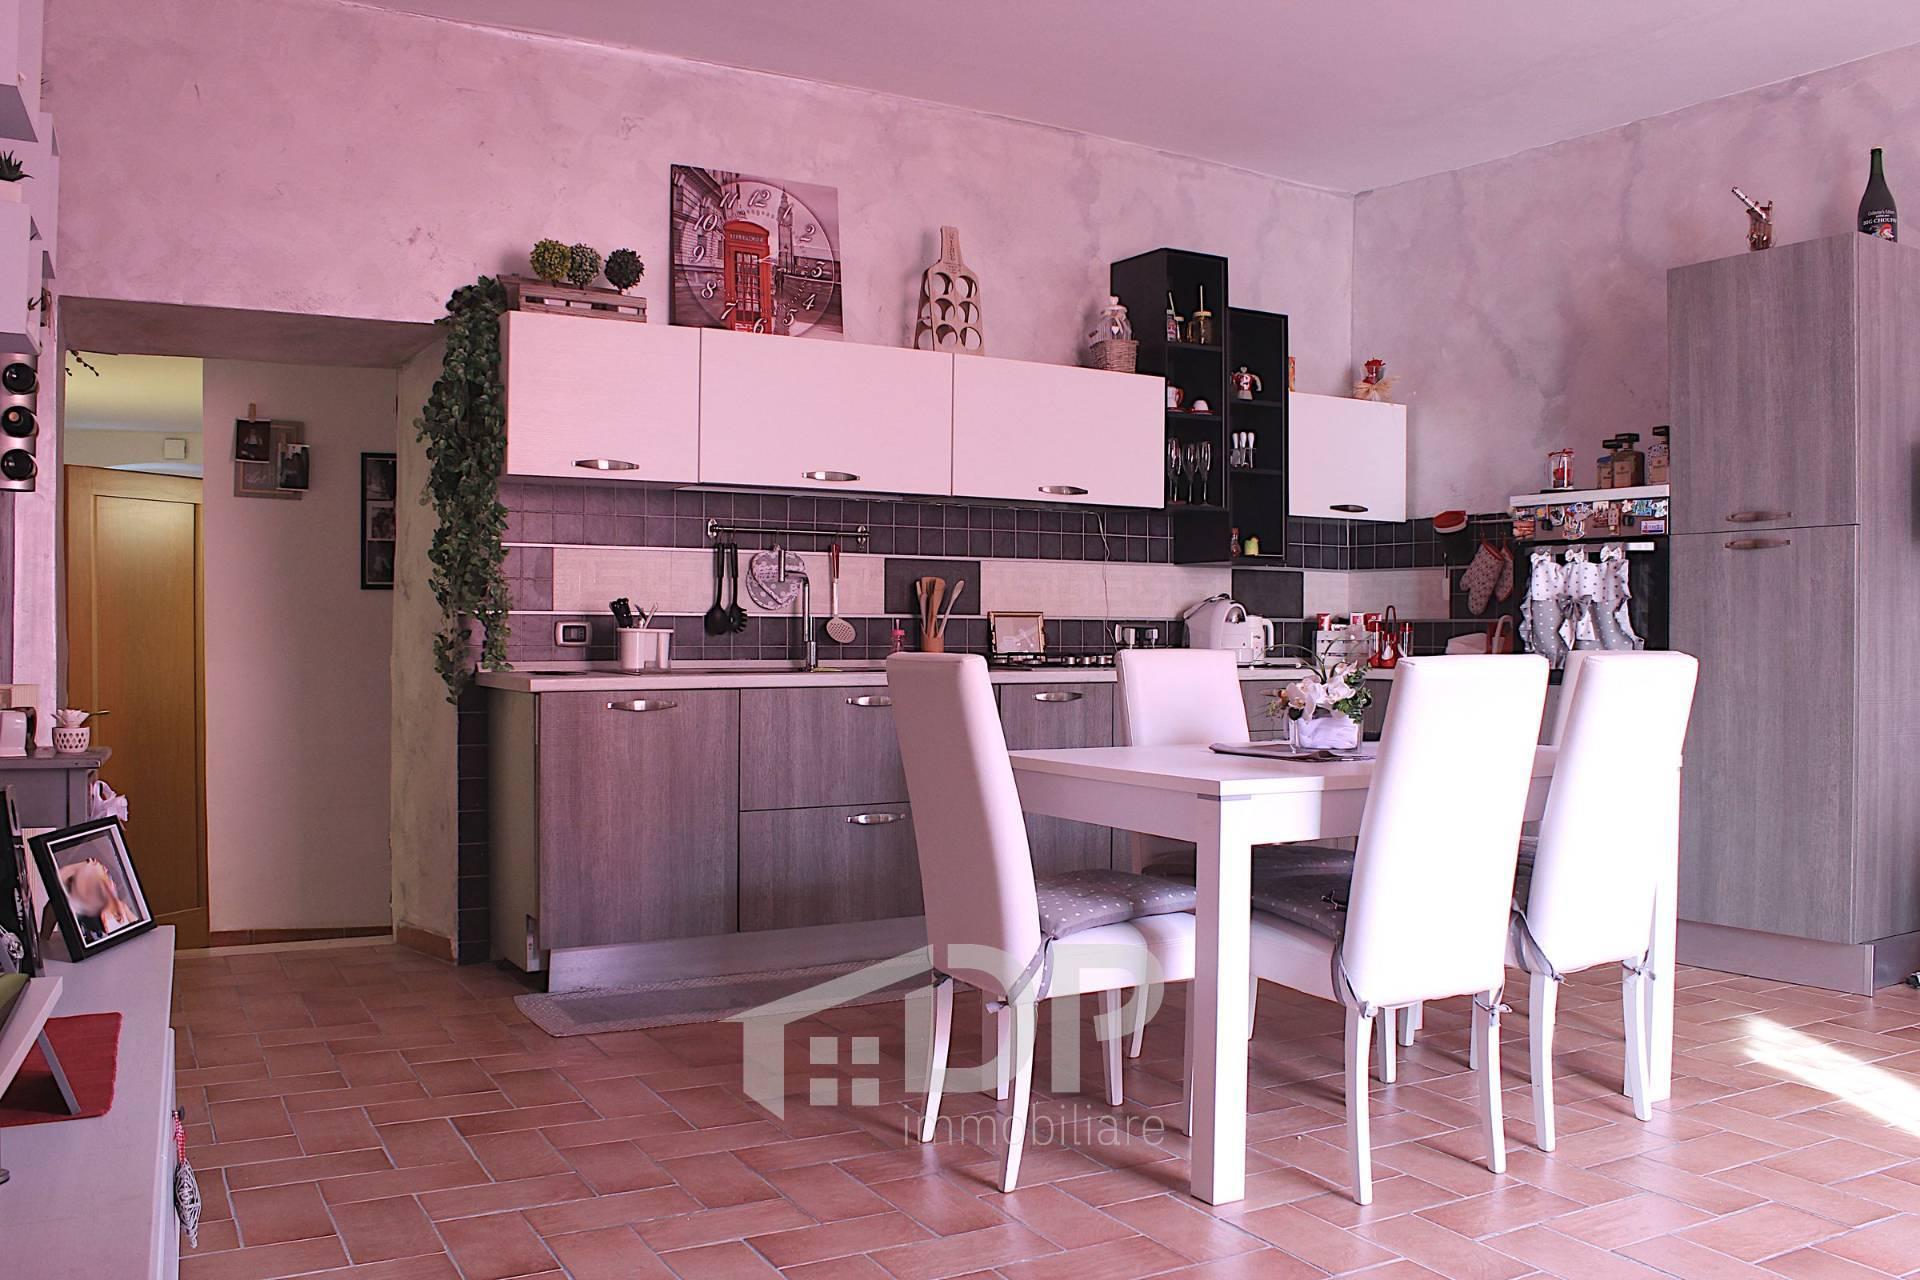 Appartamento in vendita a Palombara Sabina, 4 locali, zona Località: CentroStorico, prezzo € 99.000   PortaleAgenzieImmobiliari.it